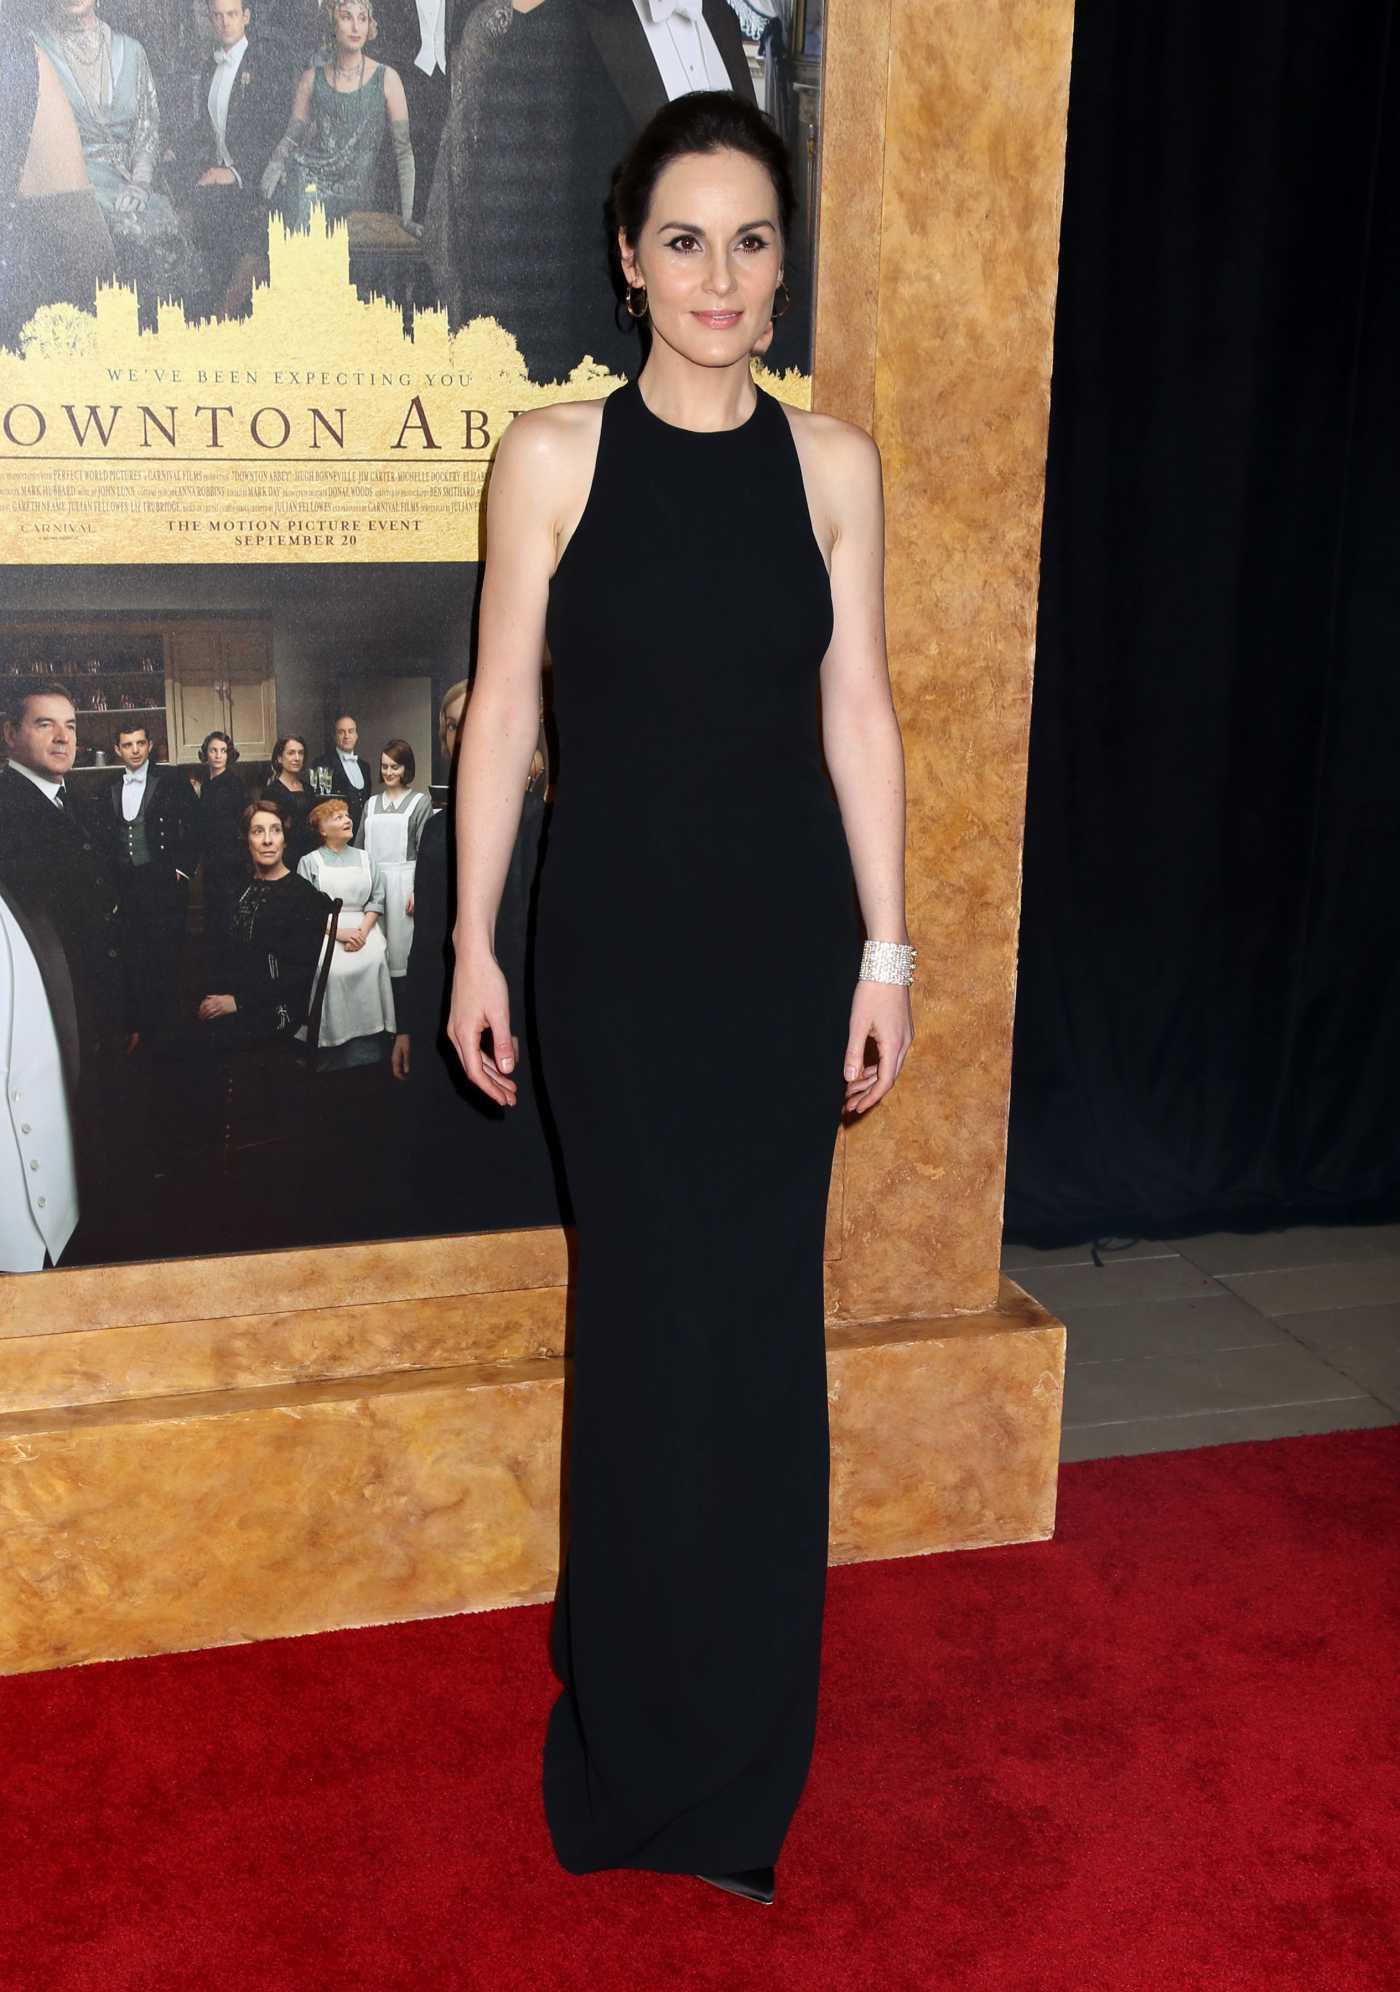 Michelle Dockery Attends Downton Abbey Premiere in New York 09/16/2019